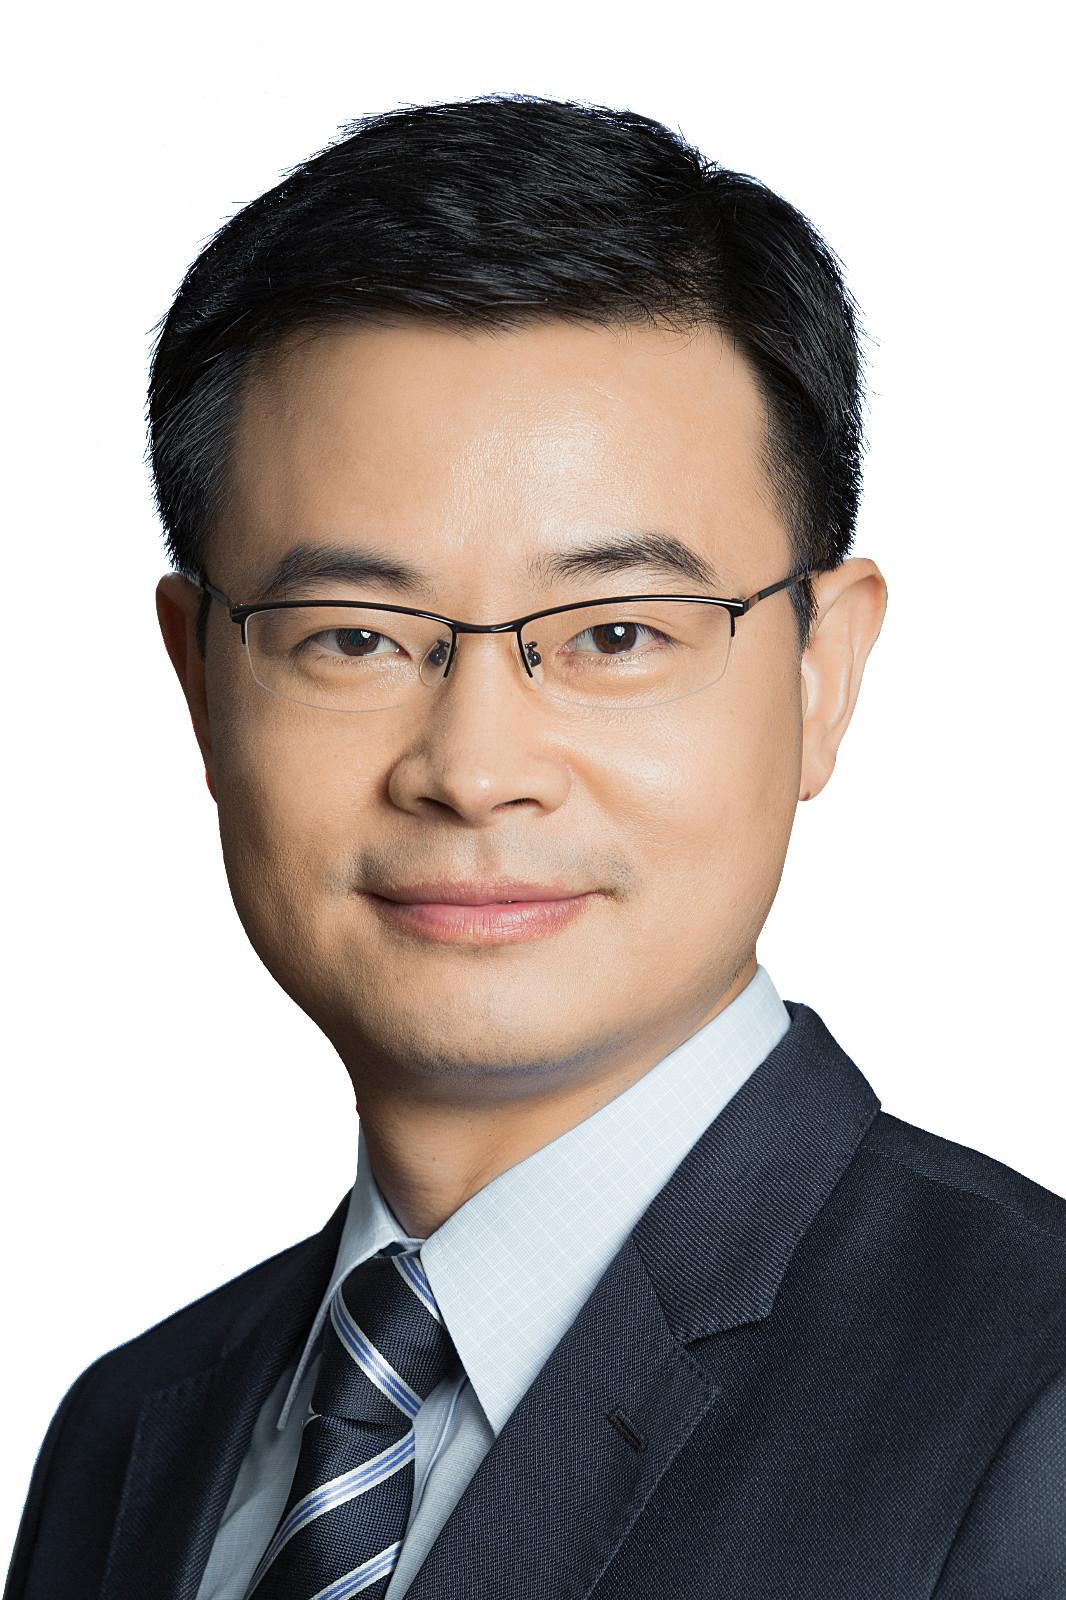 Jason Yao